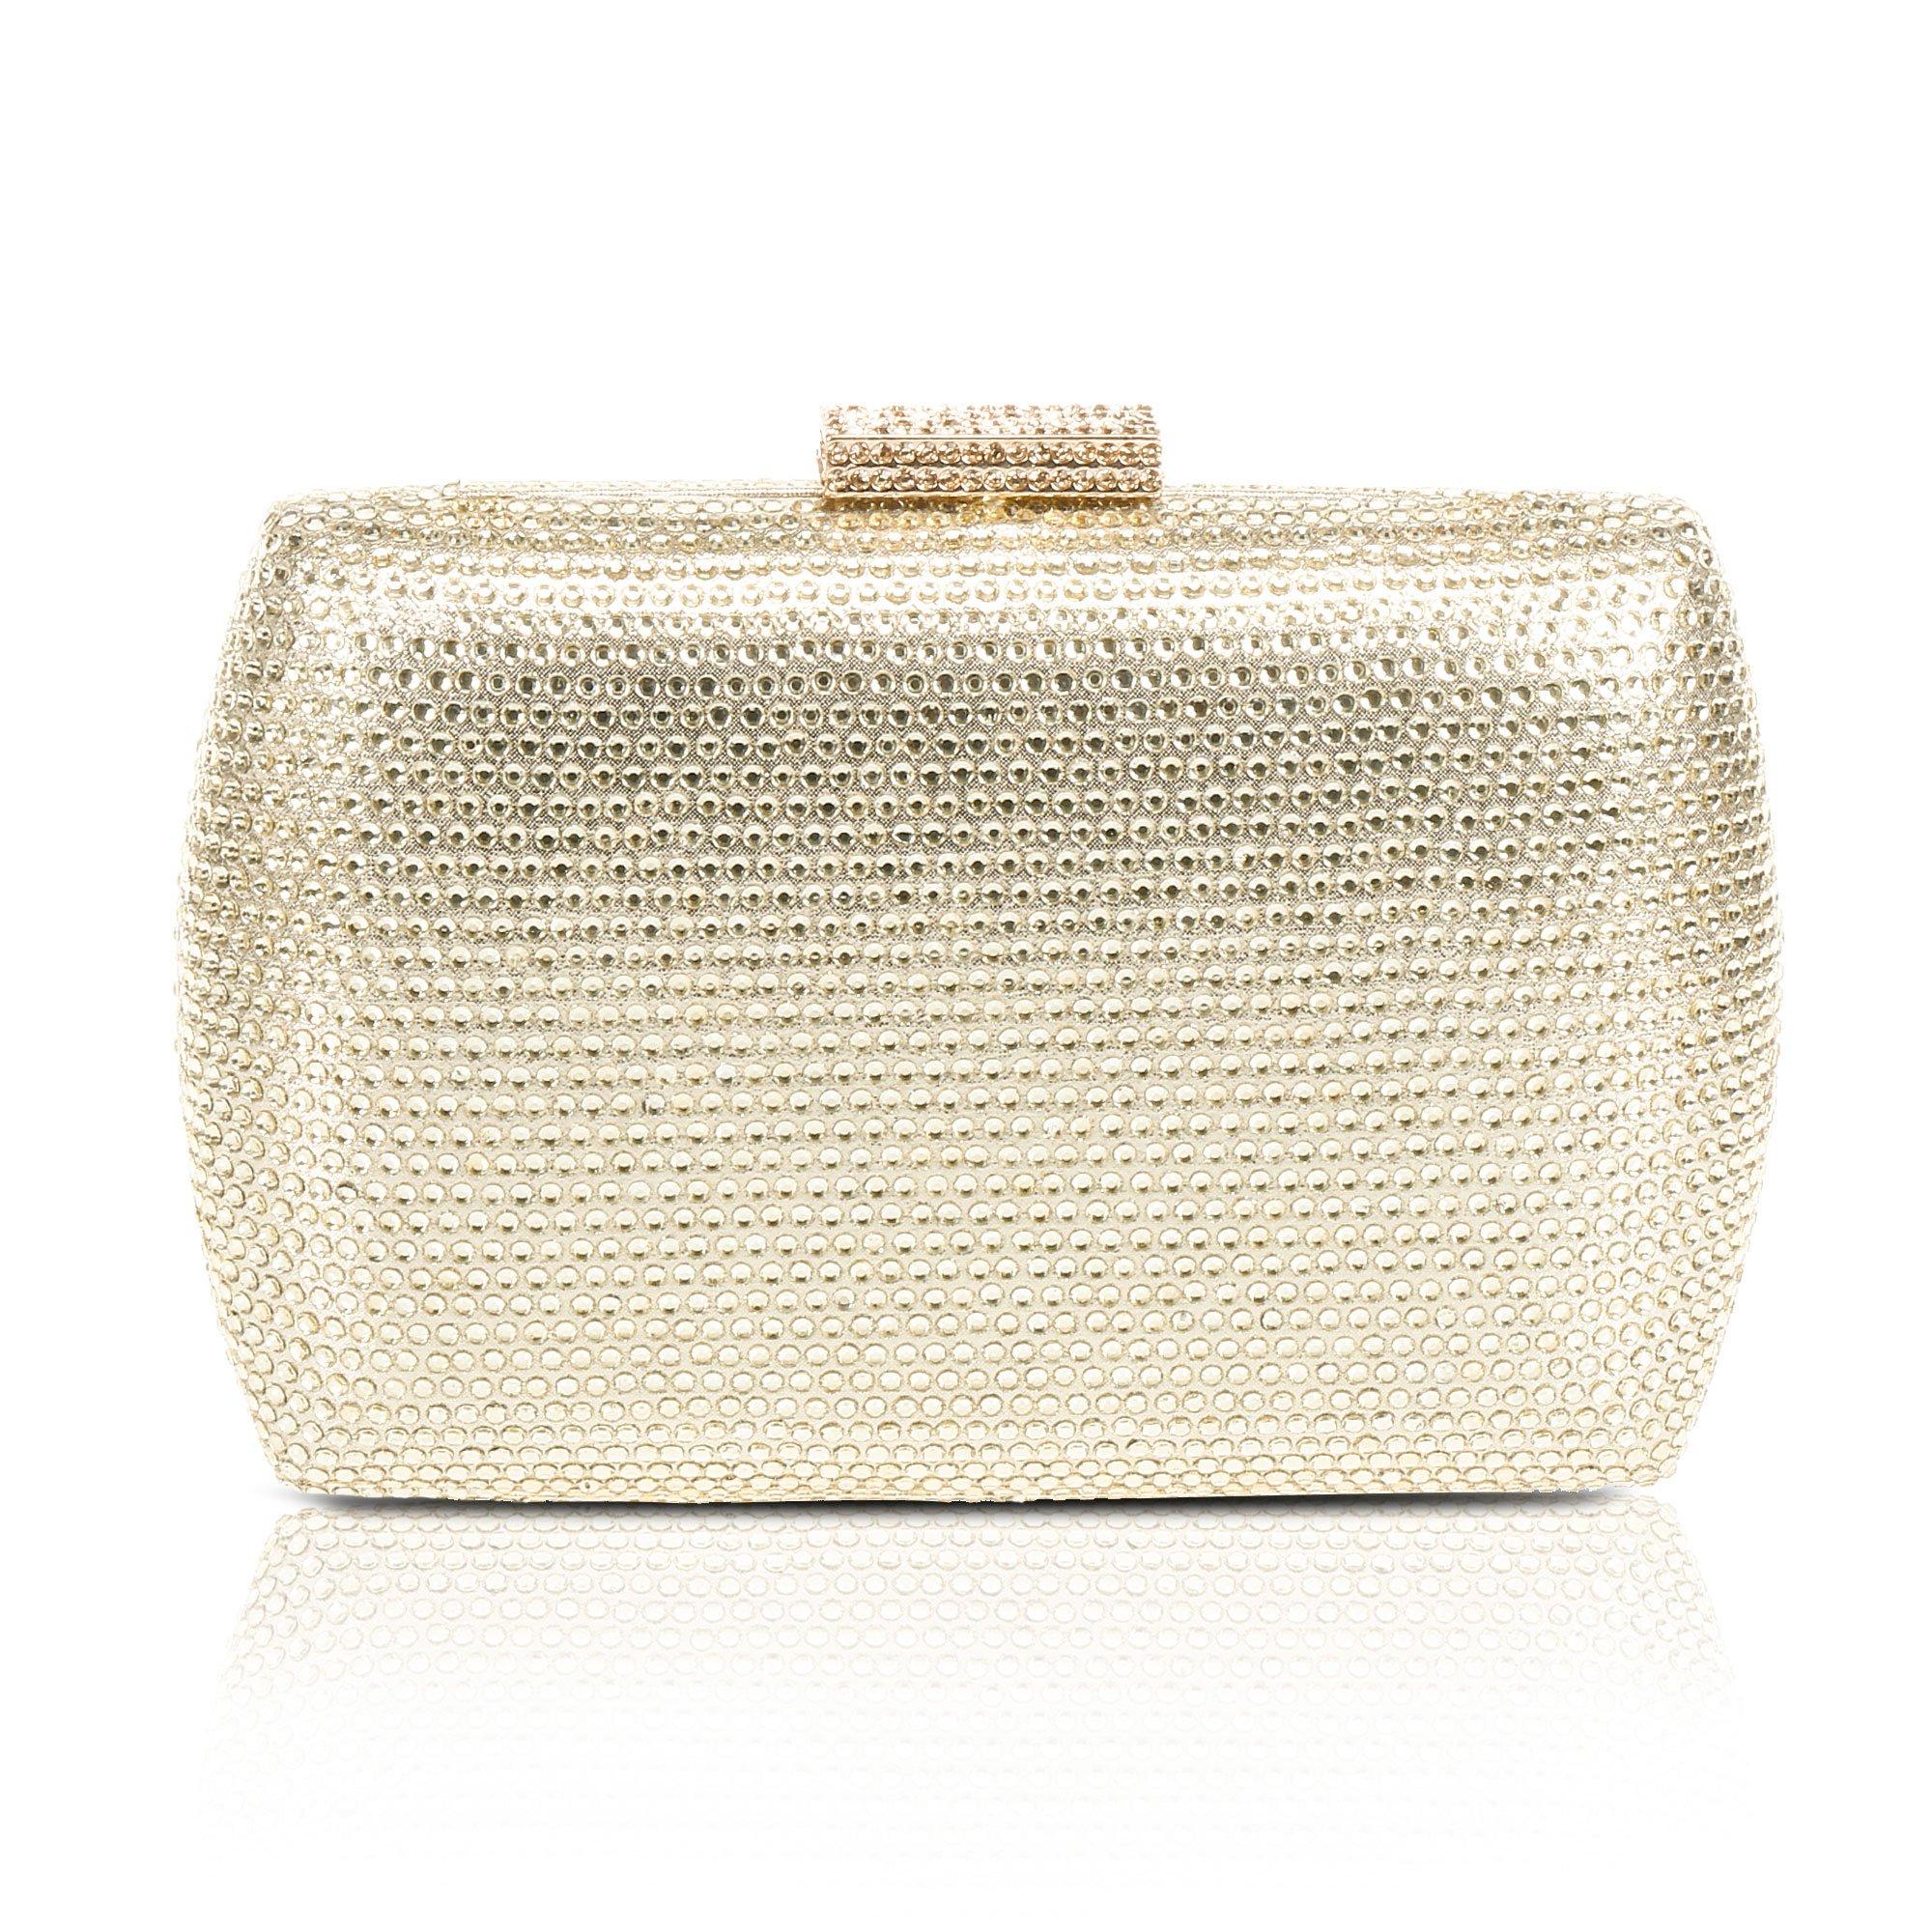 Womens Evening Purse Rhinestones Handbag ,WALLYN'S Glitter Prom Clutch Chain Strap(Gold)